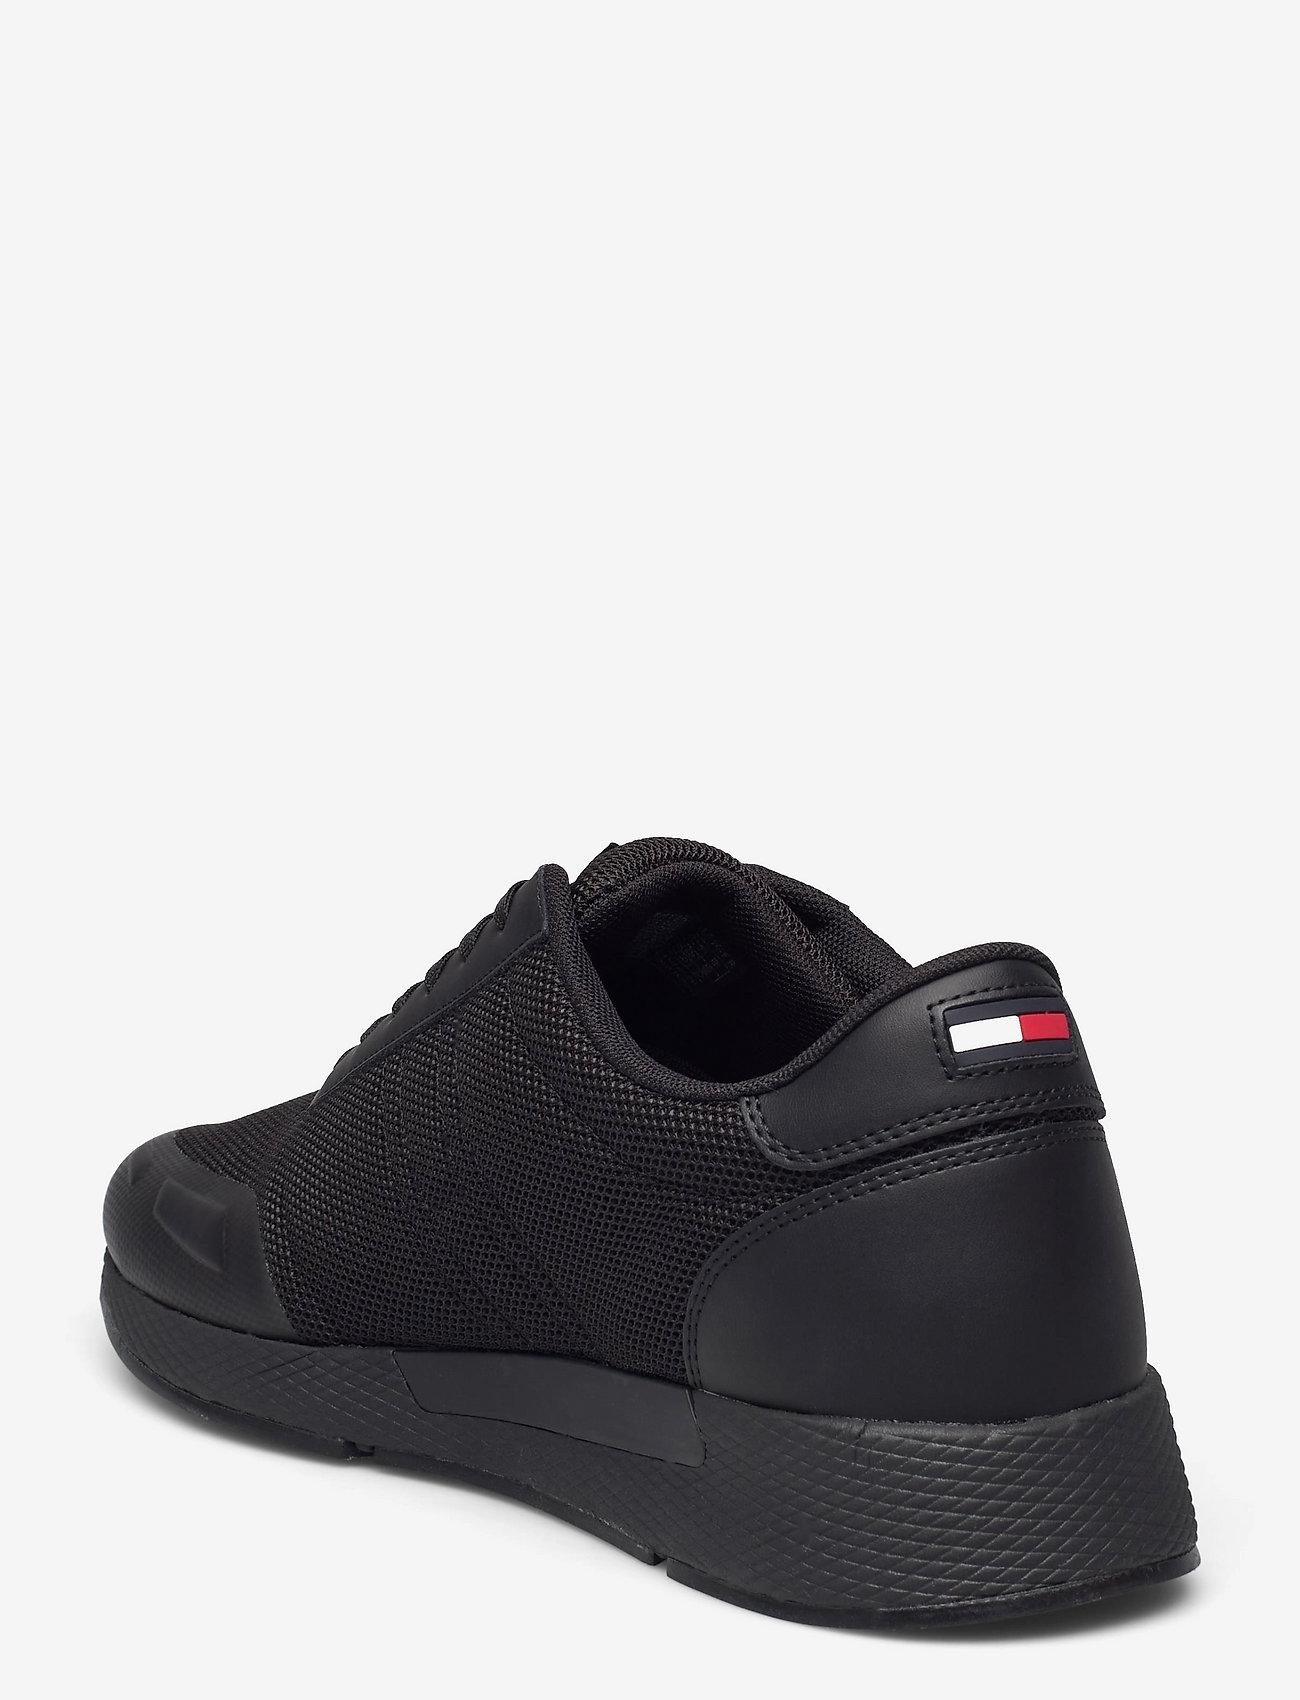 Tommy Hilfiger - FLEXI MESH TJM RUNNER - laag sneakers - black - 2